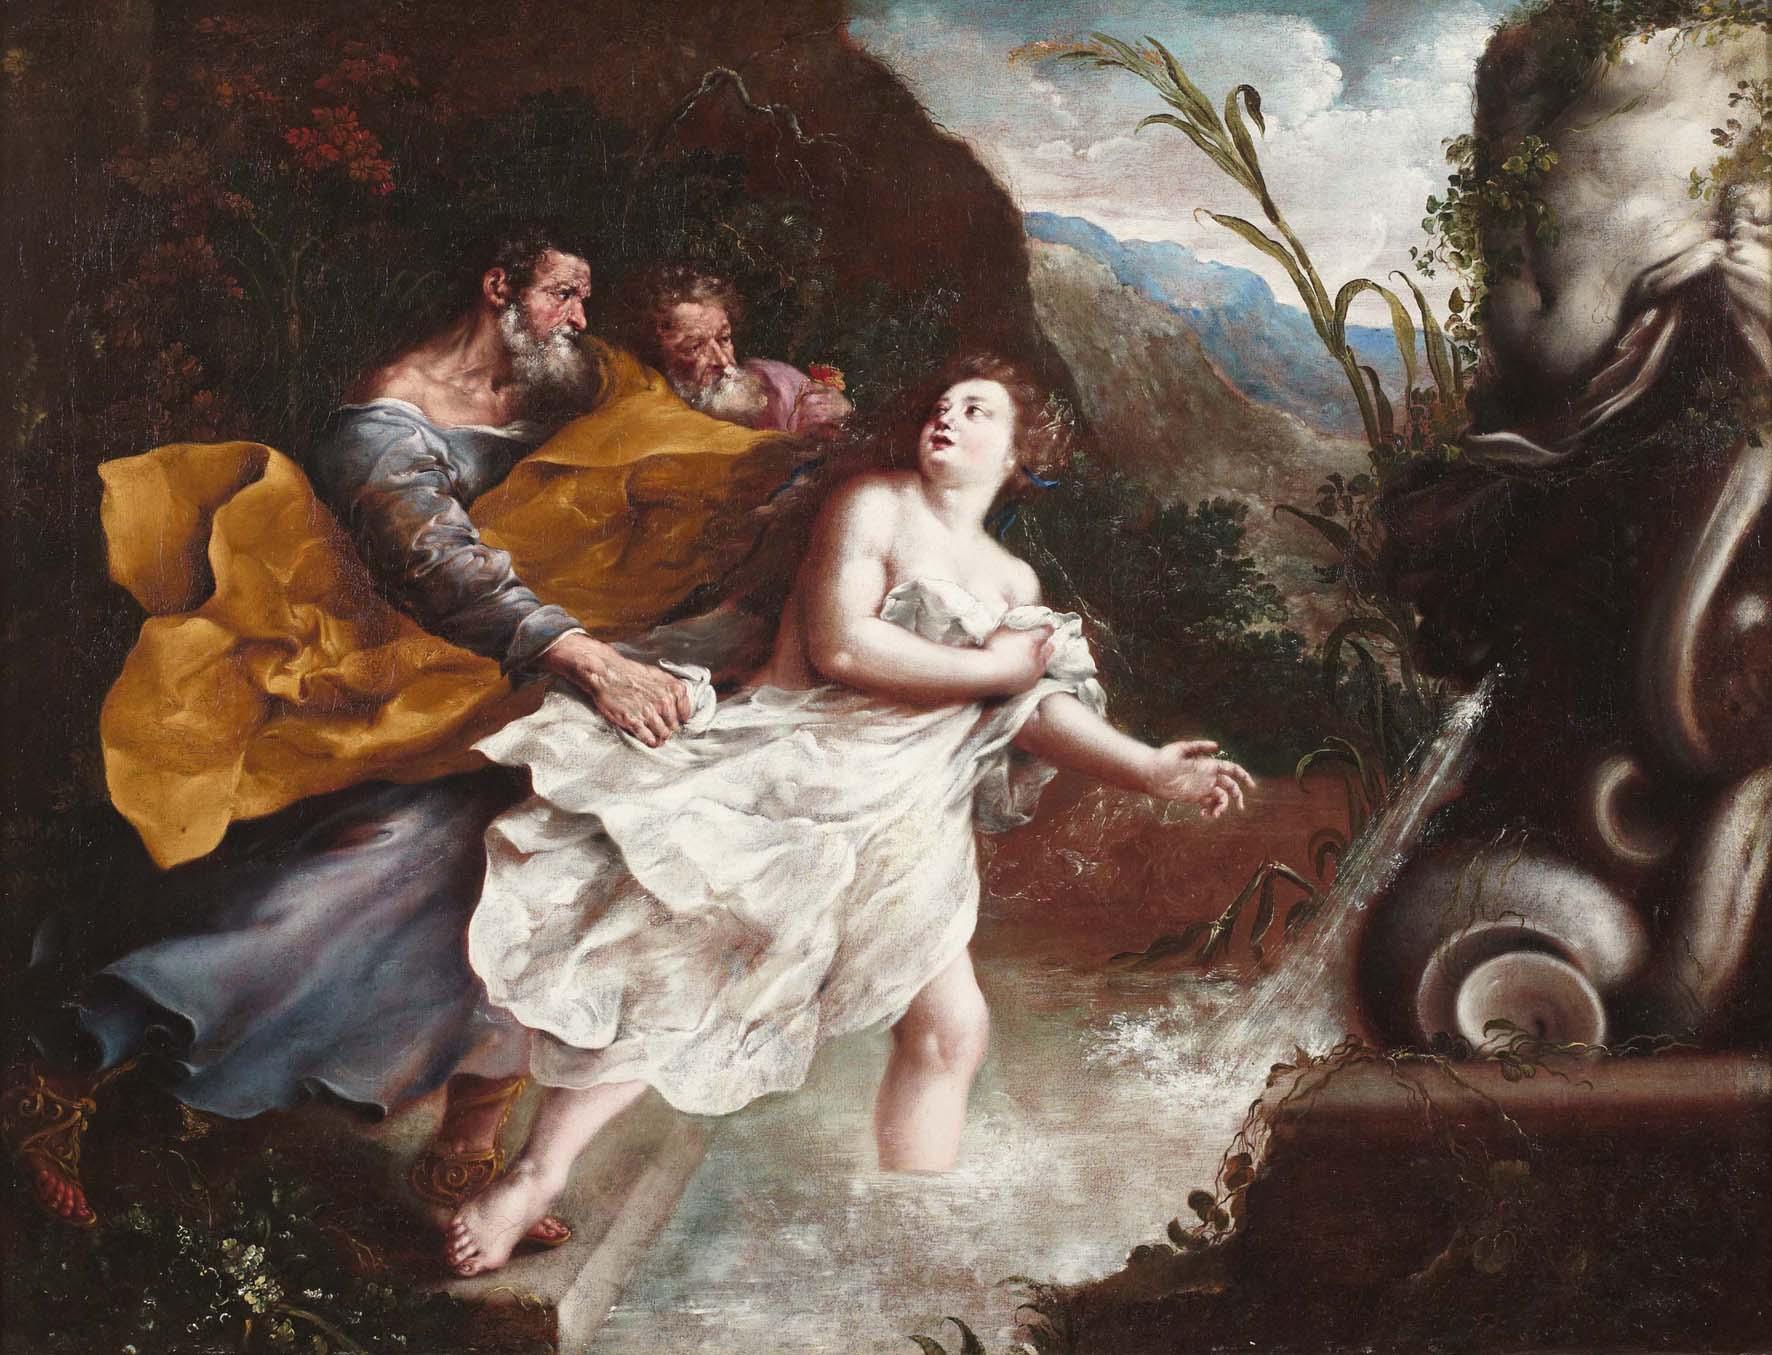 la donna nel barocco